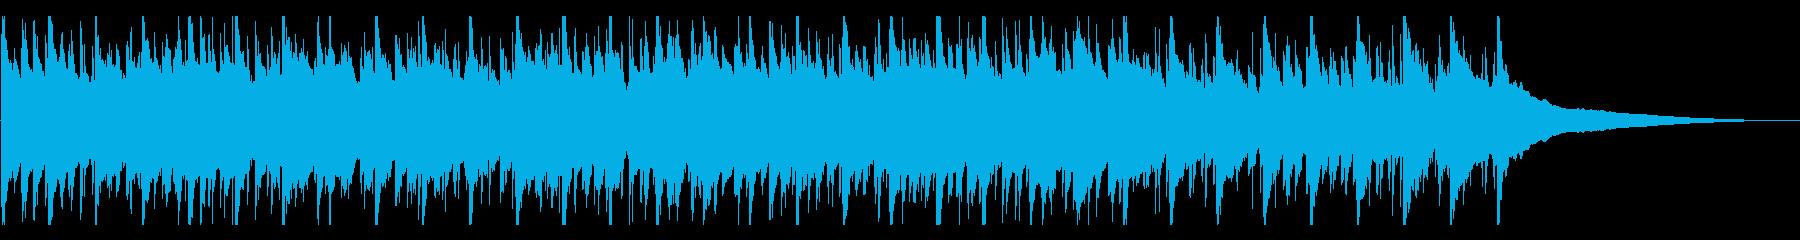 60秒打楽器なし楽しい、明るい、ウクレレの再生済みの波形